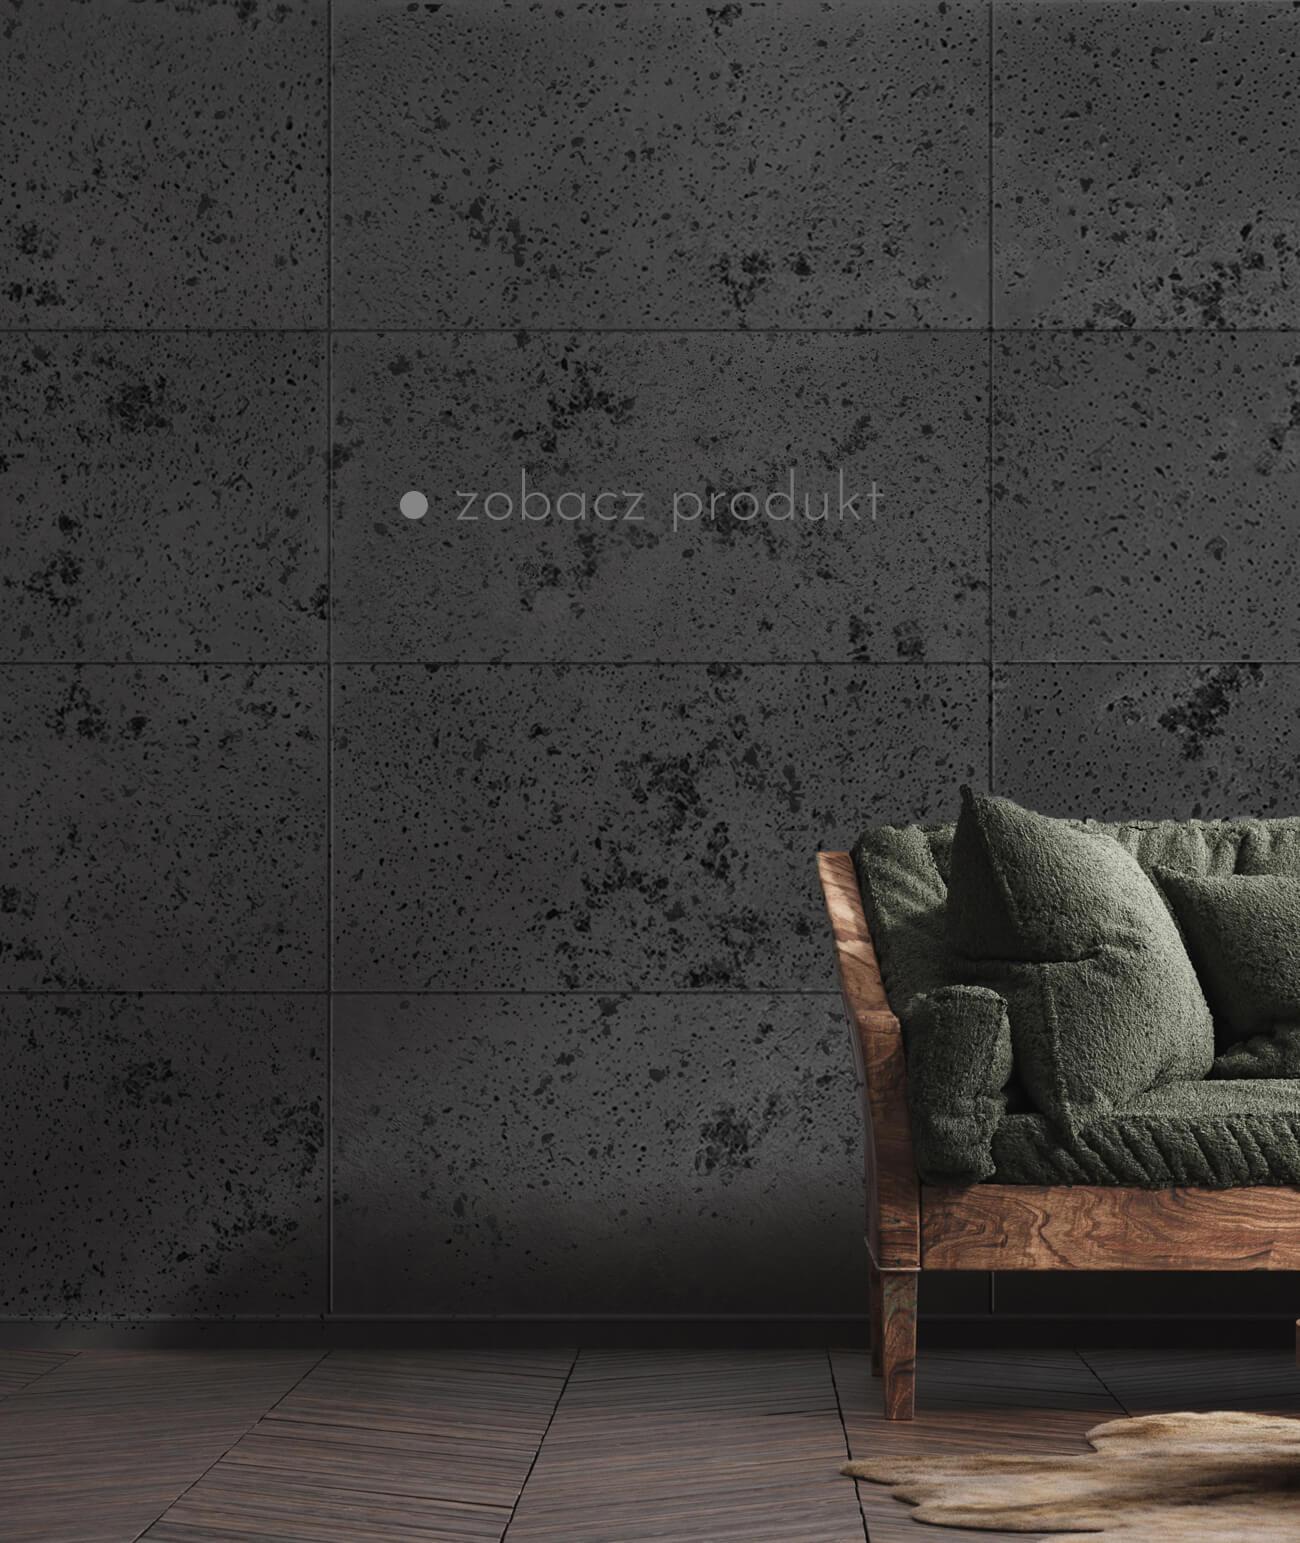 plyty-betonowe-scienne-i-elewacyjne-beton-architektoniczny_1219-24962-ds-antracyt-czarne-kruszywo-plyta-beton-architektoniczny-grc-ultralekka